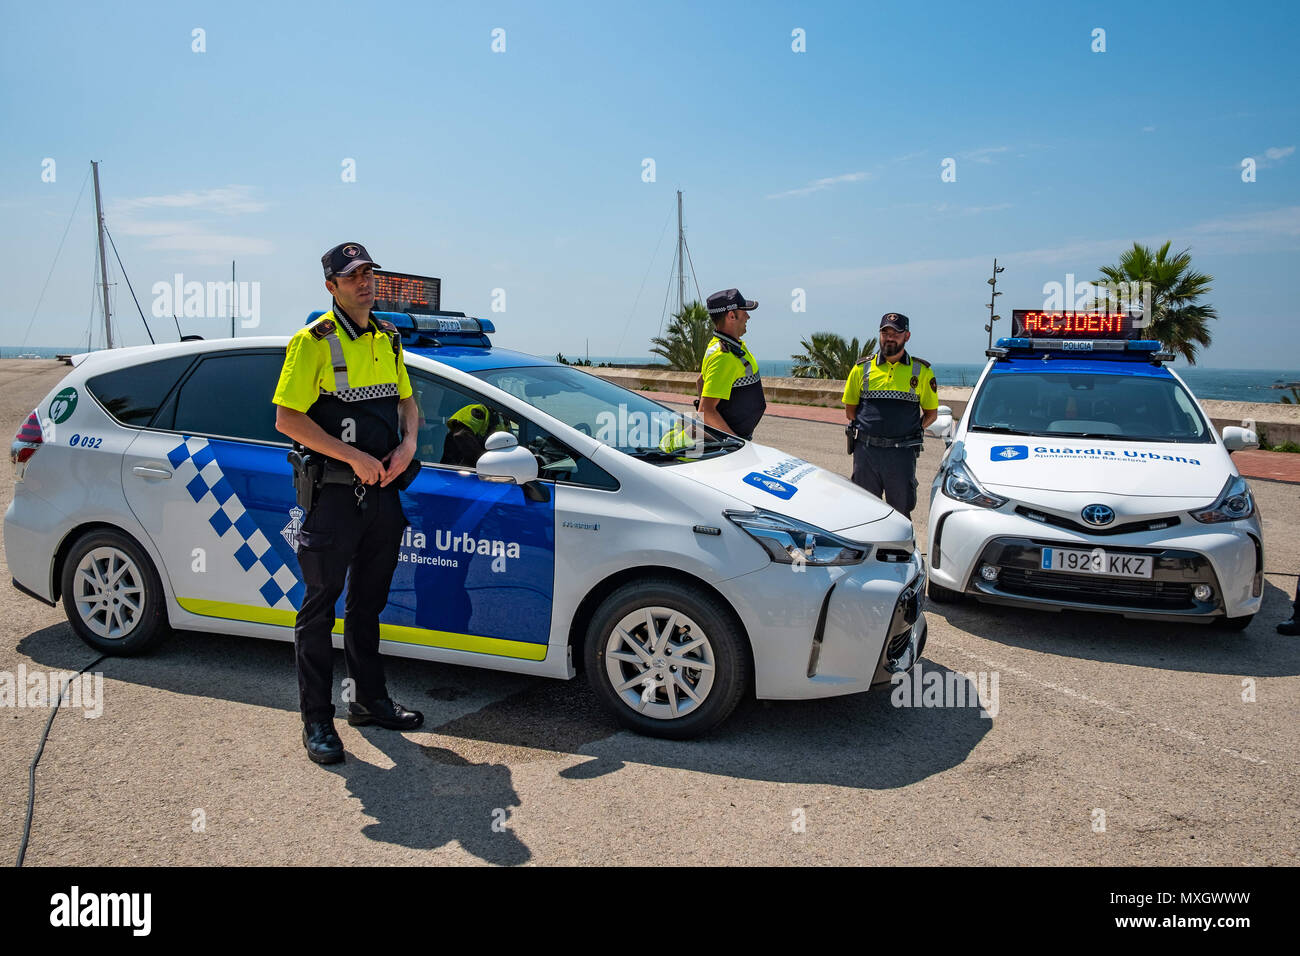 Barcellona, in Catalogna, Spagna. Il 4 giugno, 2018. I veicoli nuovi della guardia urbana di Barcellona hanno visto con i loro corpi di polizia.Con la presenza del Sindaco Ada Colau e la sicurezza il commissario Amadeu Recasens, la presentazione della pattuglia nuovo parco veicoli della Guardia Urbana de Barcelona La polizia ha avuto luogo. L'investimento è stato di 12,6 milioni di euro. I veicoli nuovi con un sistema ibrido consentono un risparmio di combustibile di 608 euro per veicolo e per anno. Queste nuove auto sono dotate di nuove tecnologie di comunicazione e le telecamere con riconoscimento targhe. Allo stesso modo, tutti i veicoli sono equipaggiati con un de Immagini Stock